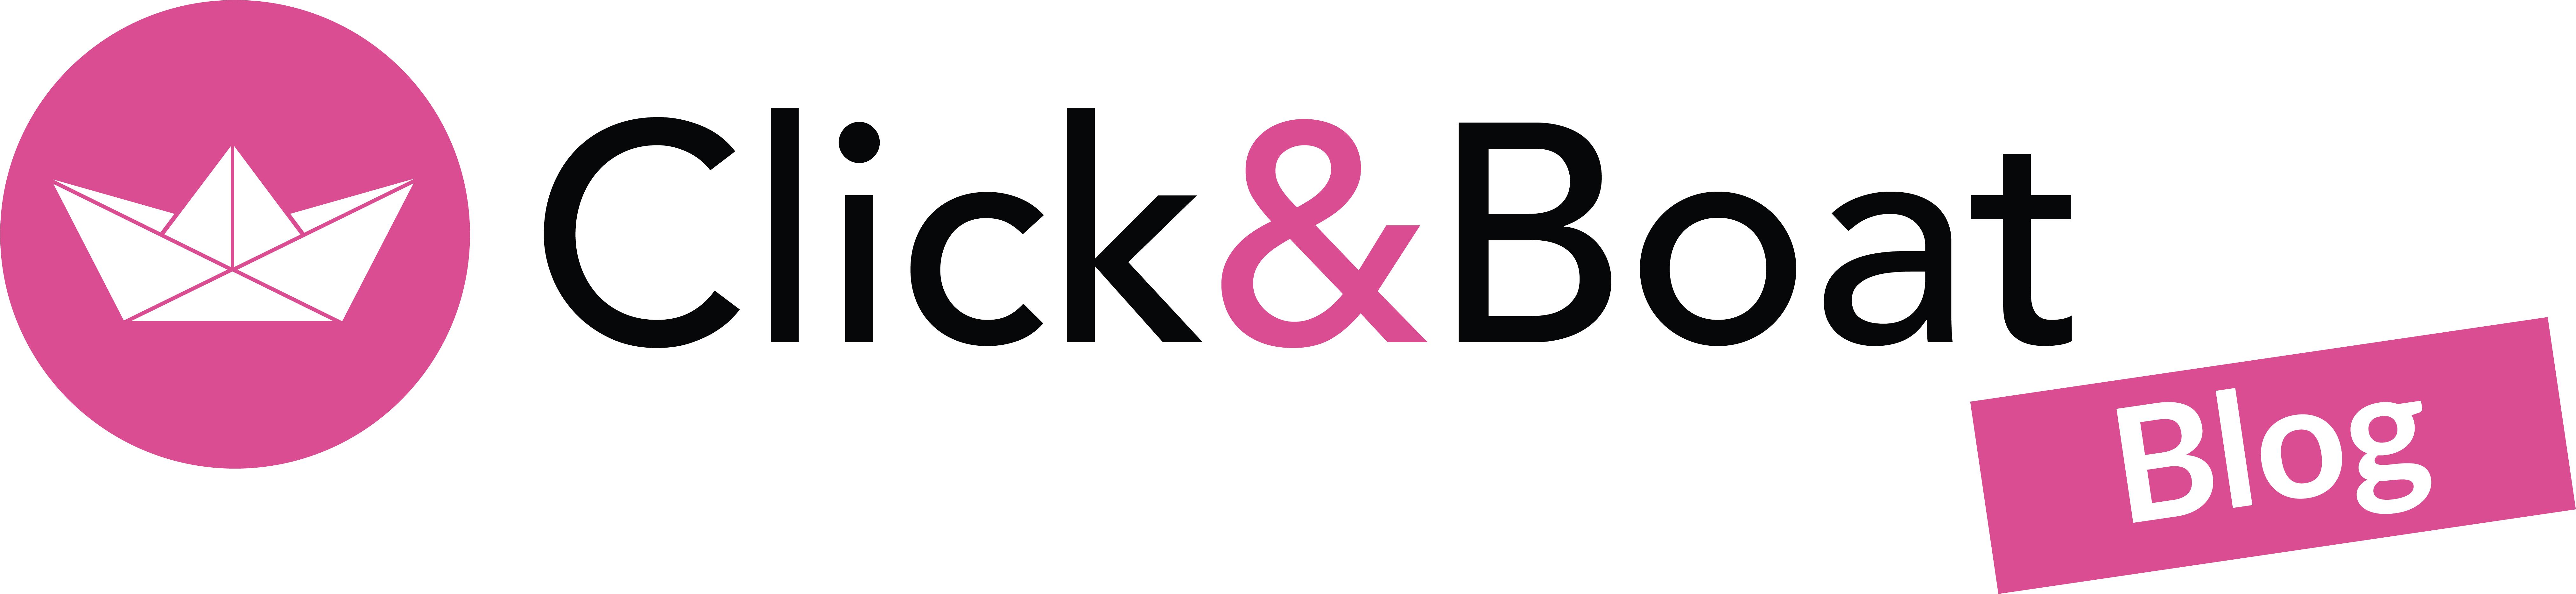 Click & Boat